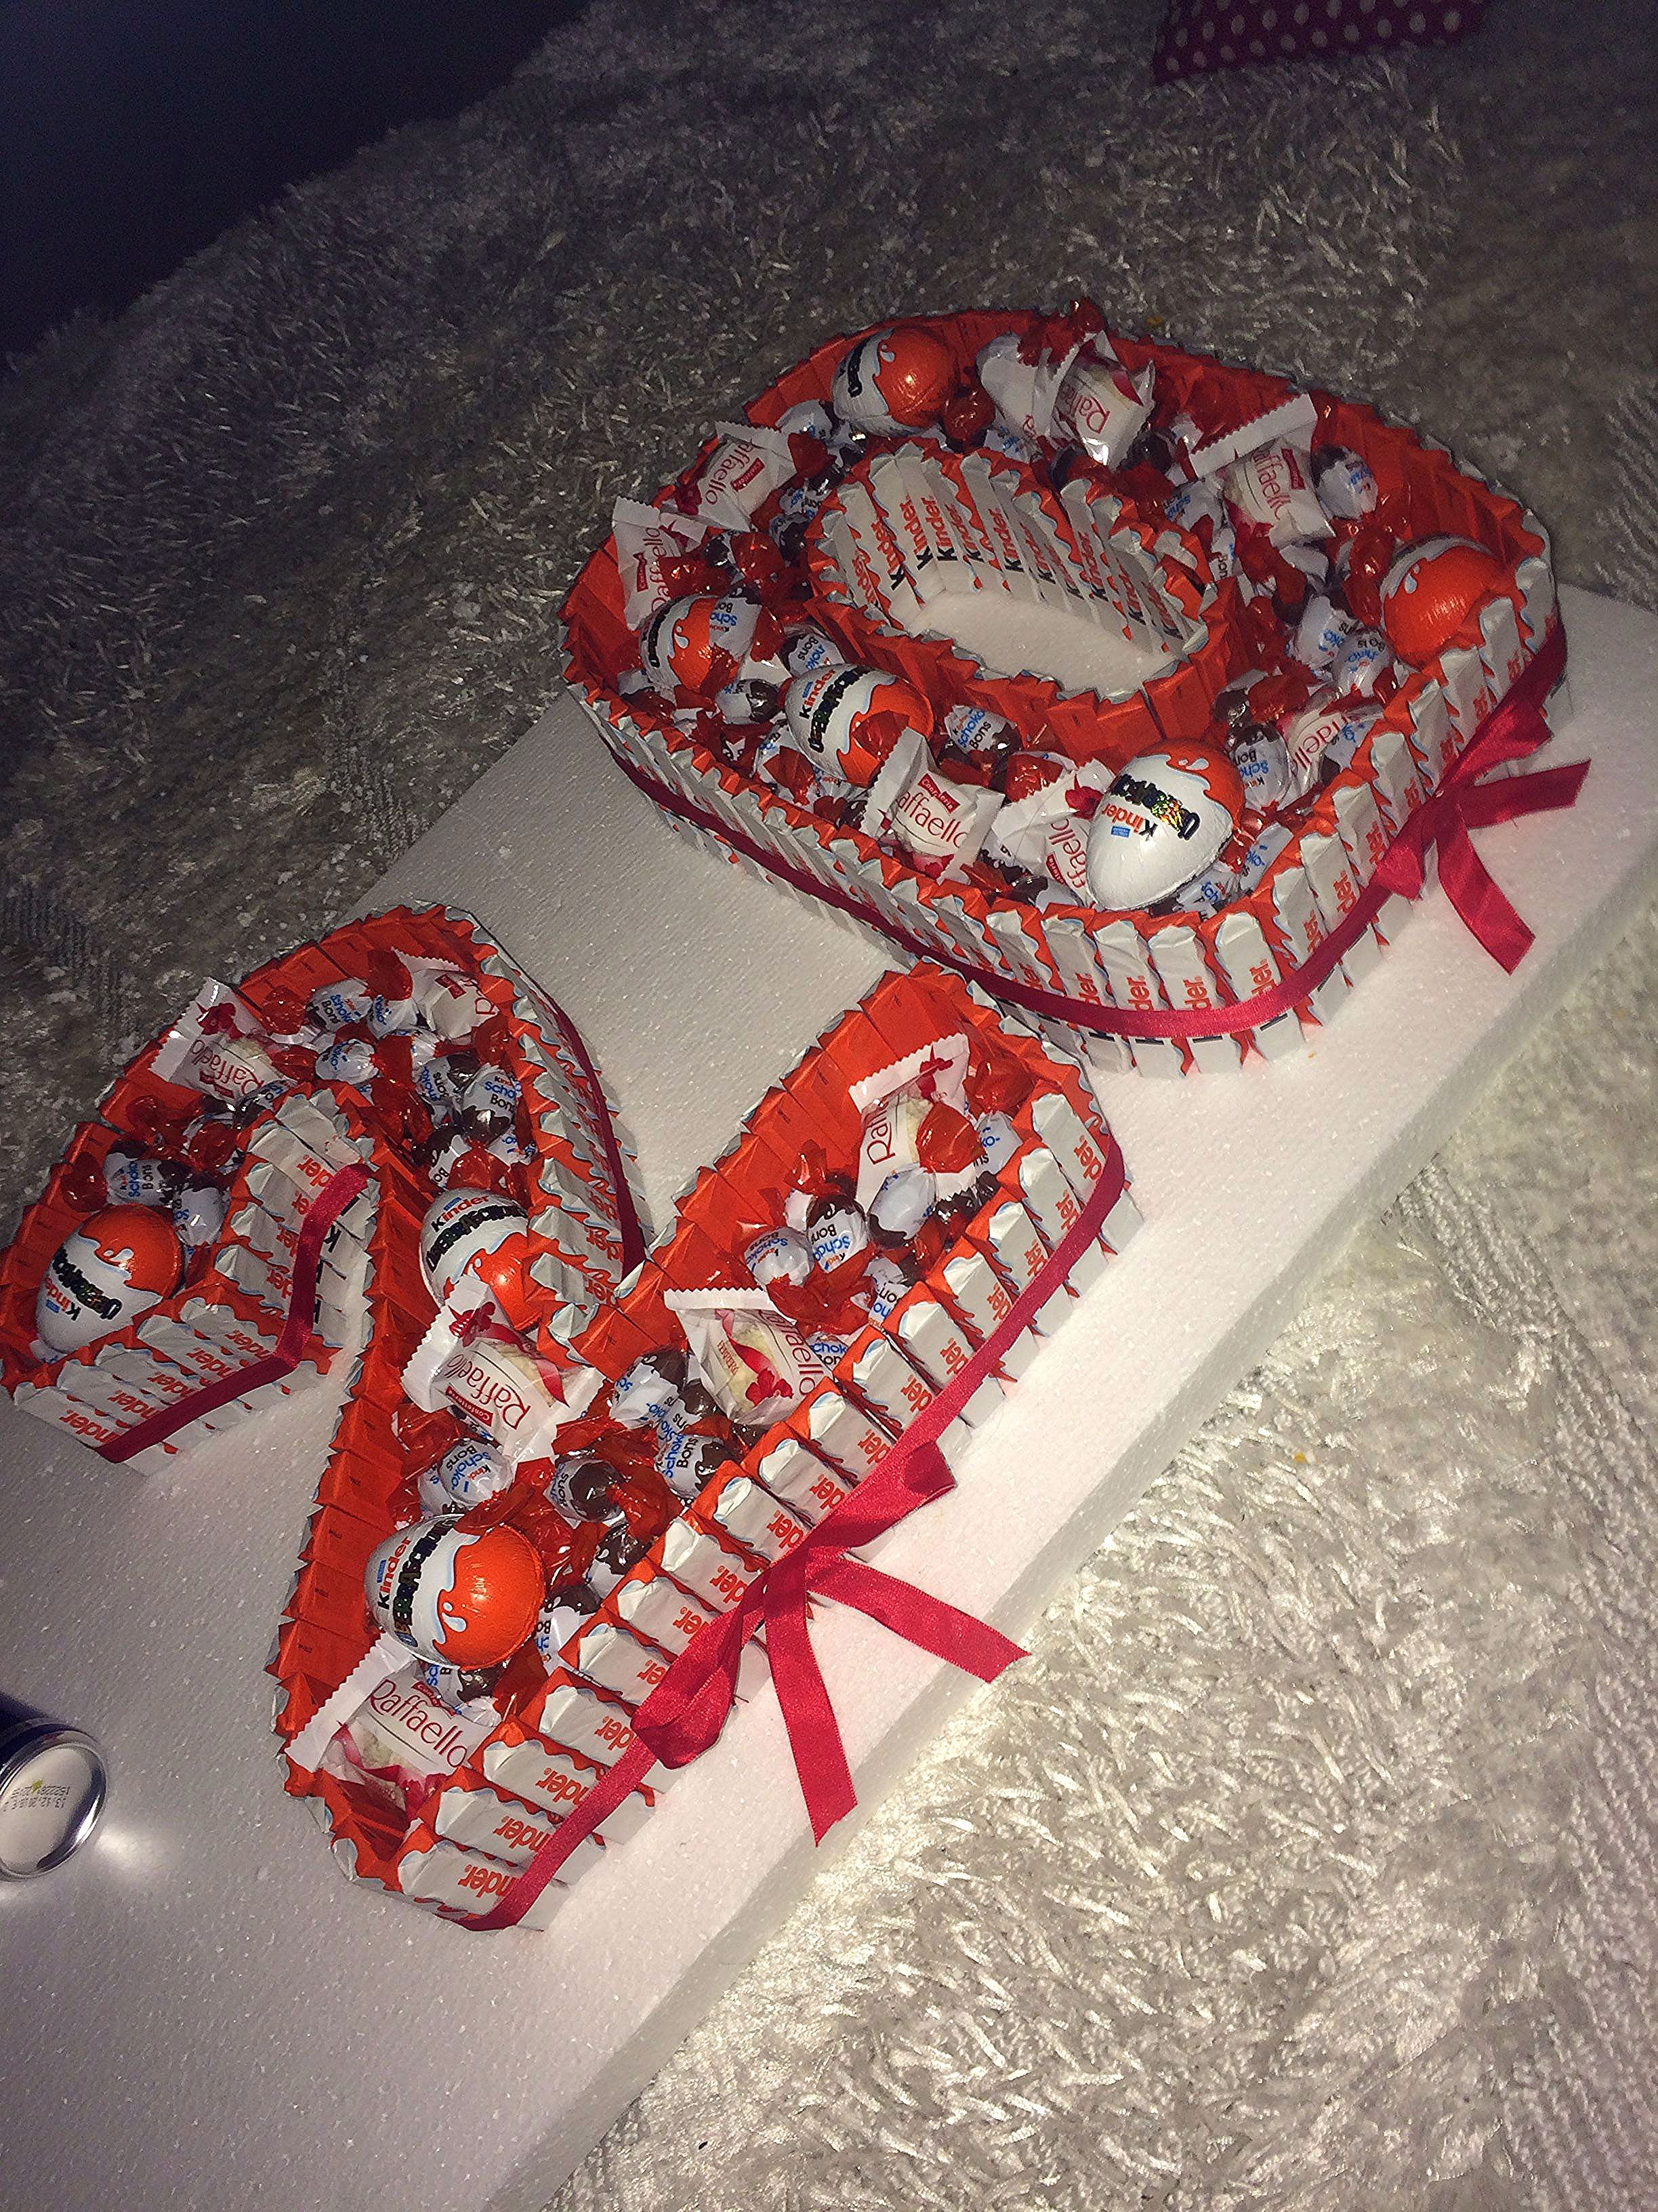 #geschenk #birthday #zwanzig #present #geburtstag #hediye #dogumgünü #schokolade #kinderschokolade #süß #selfmade #selbstgemacht #geschenkidee